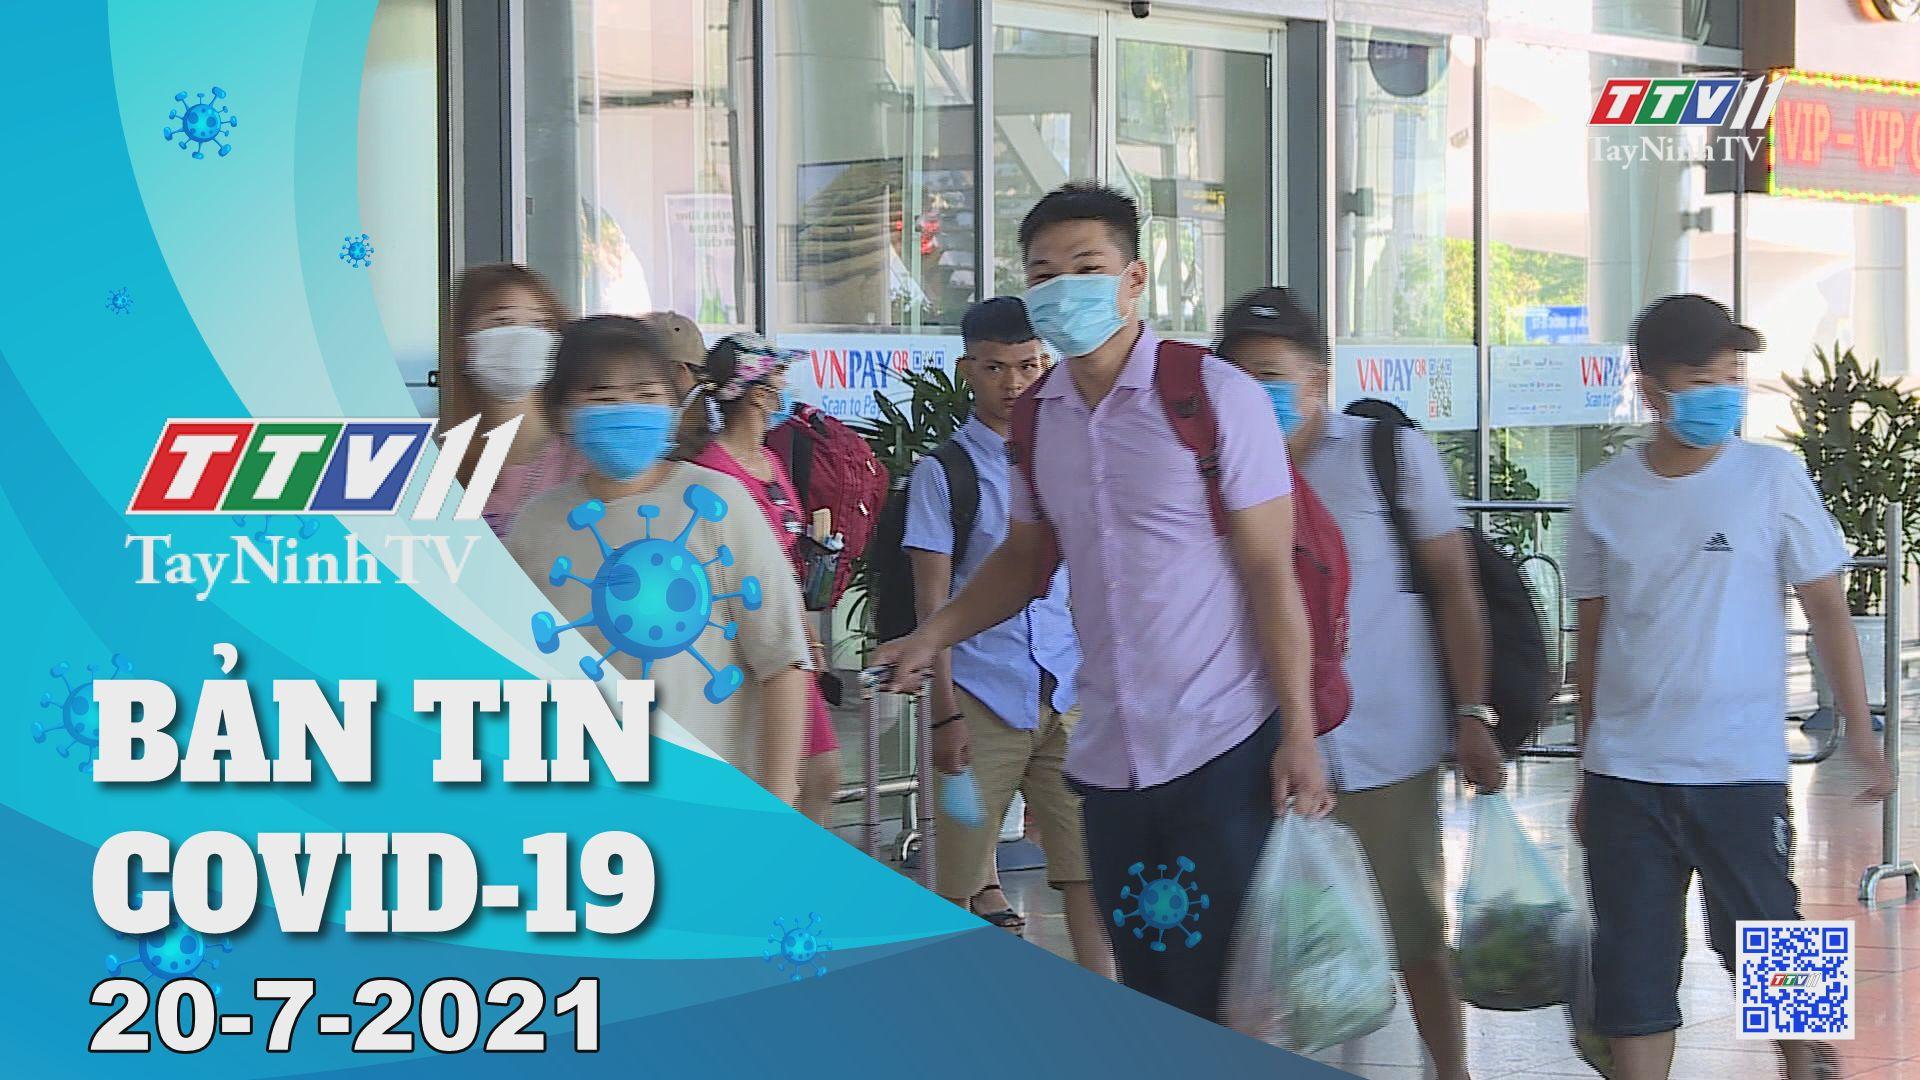 Bản tin Covid-19 | Tin tức hôm nay 20-7-2021 | TâyNinhTV